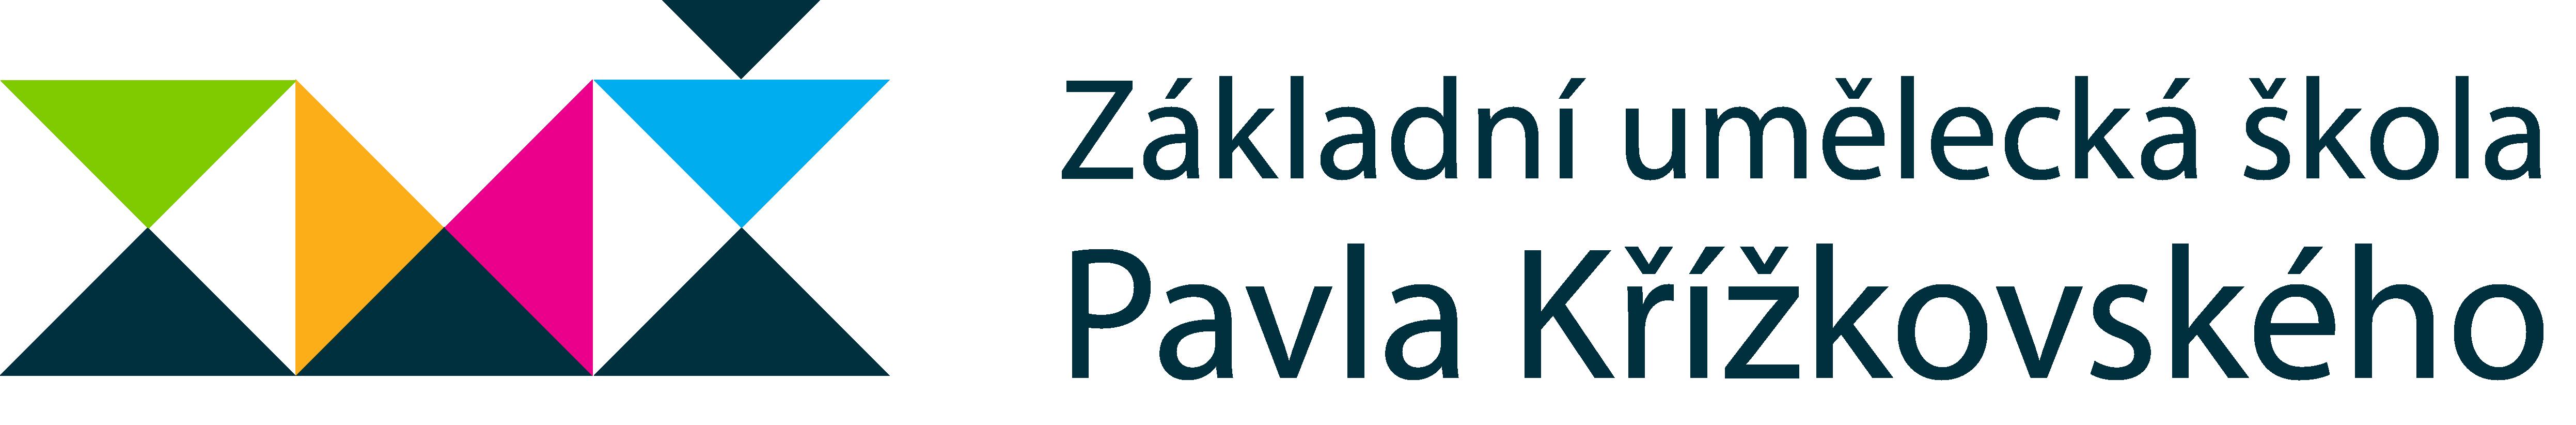 Základní umělecká škola Pavla Křížkovského